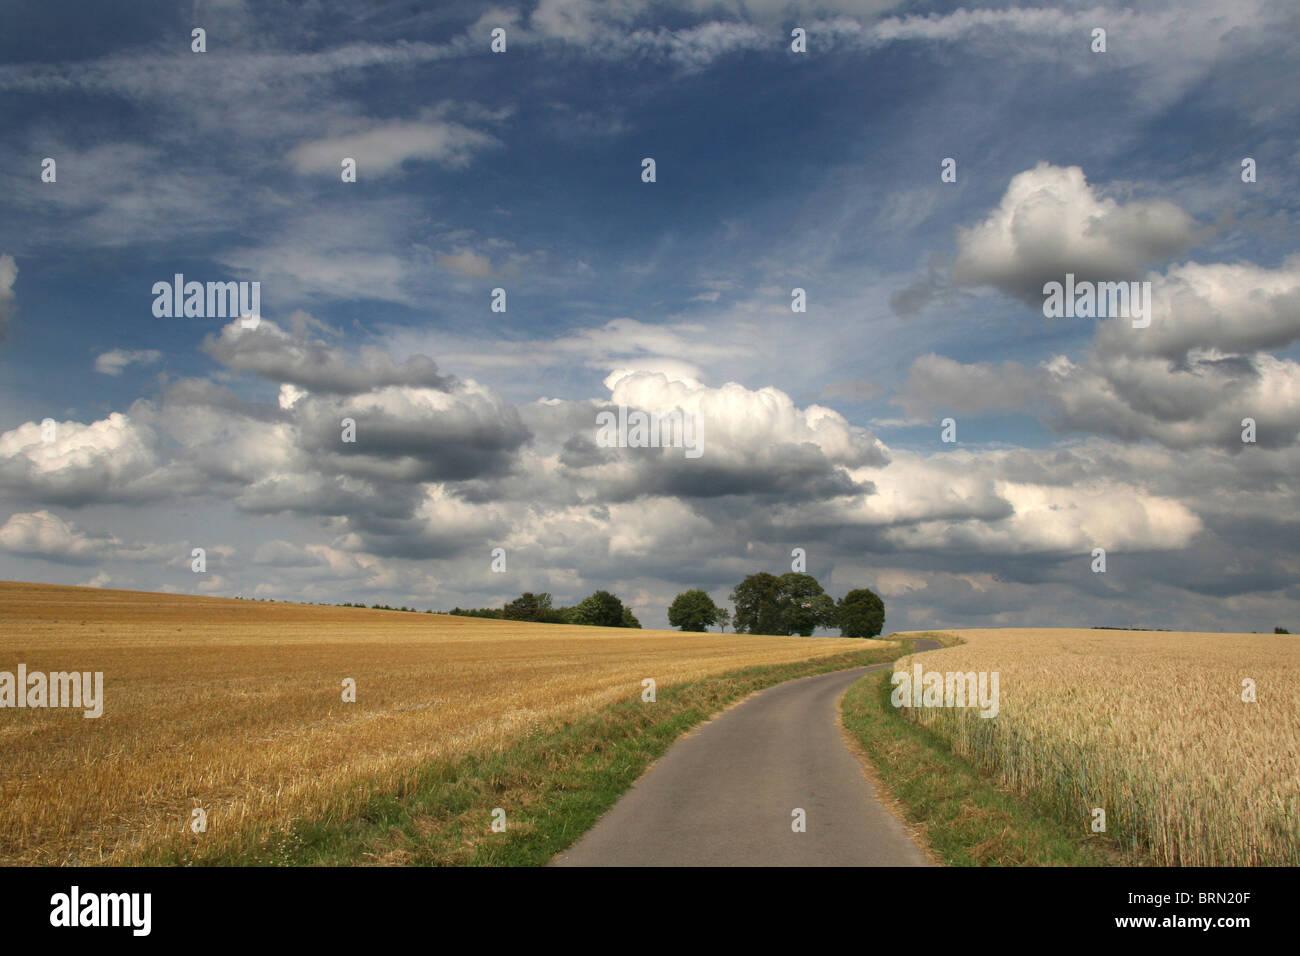 Getreidefeldern, auf der einen Seite der Straße geerntet, die anderen noch stehen. Nordrhein Westfalen, Deutschland. Stockbild